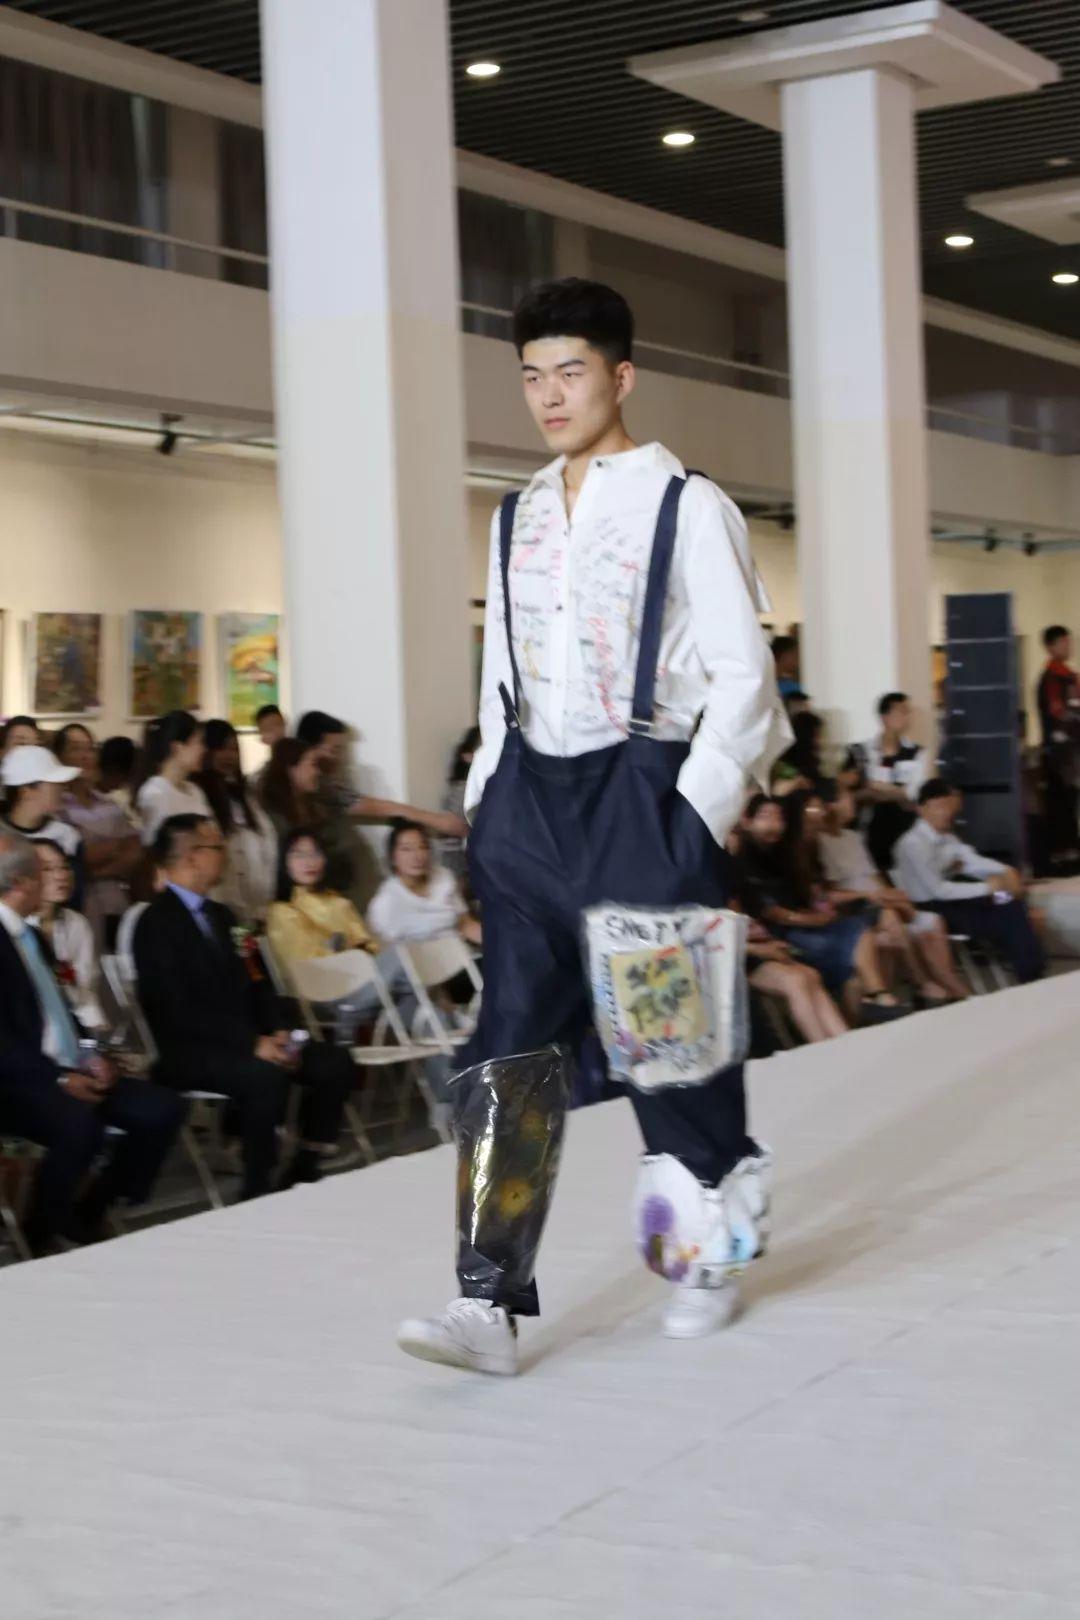 内蒙古大学创业学院与蒙古国高校联合举办设计艺术展 第3张